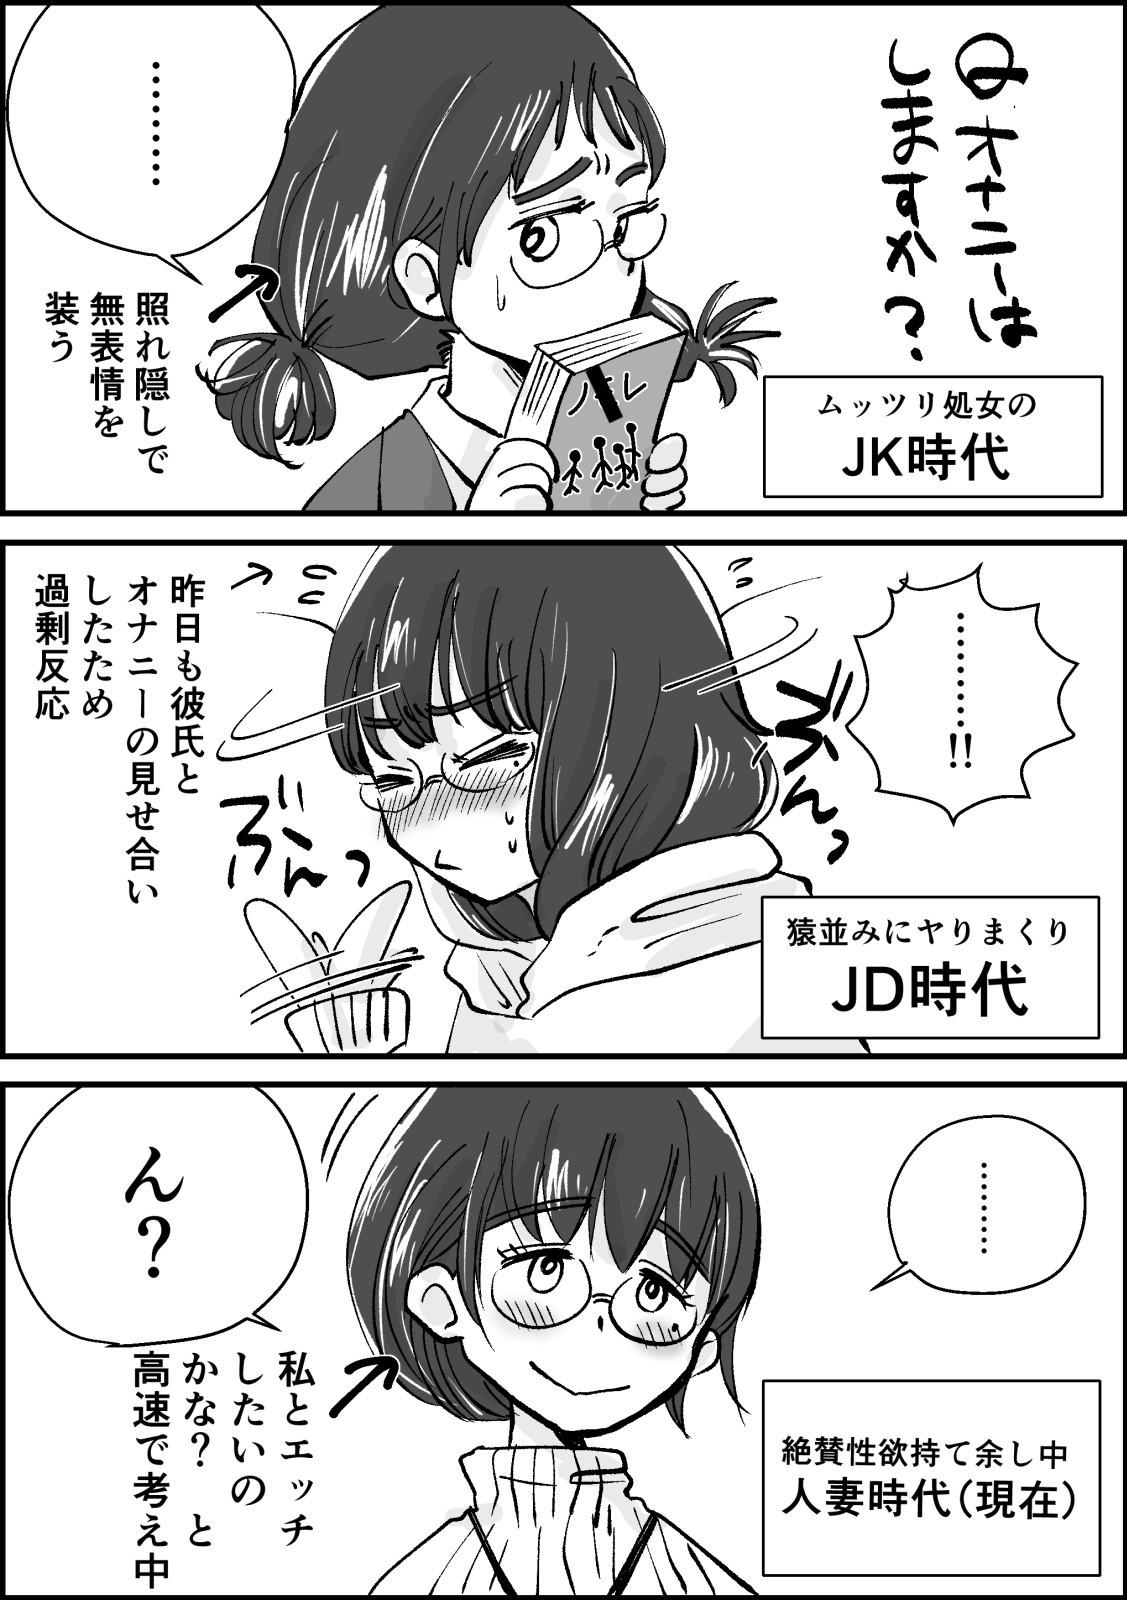 [Megitsune Works] Wakazuma-san wa Yokkyuu Fuman! Akogare no Shisho no Wakazuma-san ga Gakusei Beit no Boku no Fudeoroshi o Shite kuremashita. 75